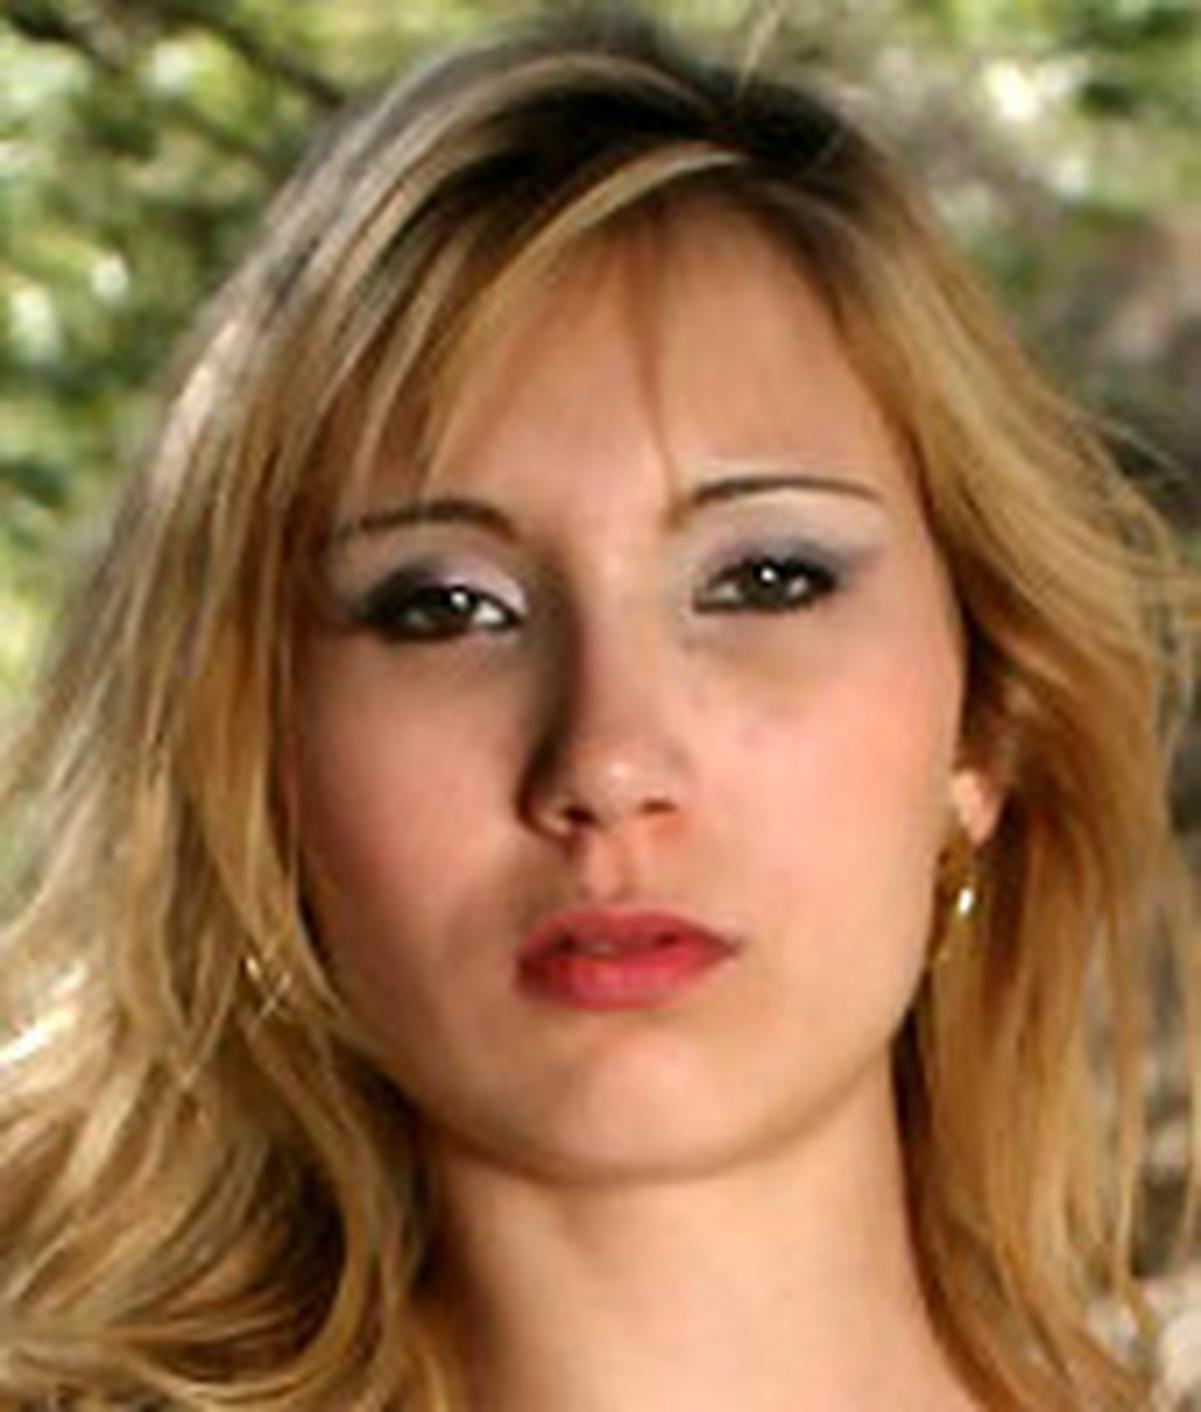 Cristal Moranty